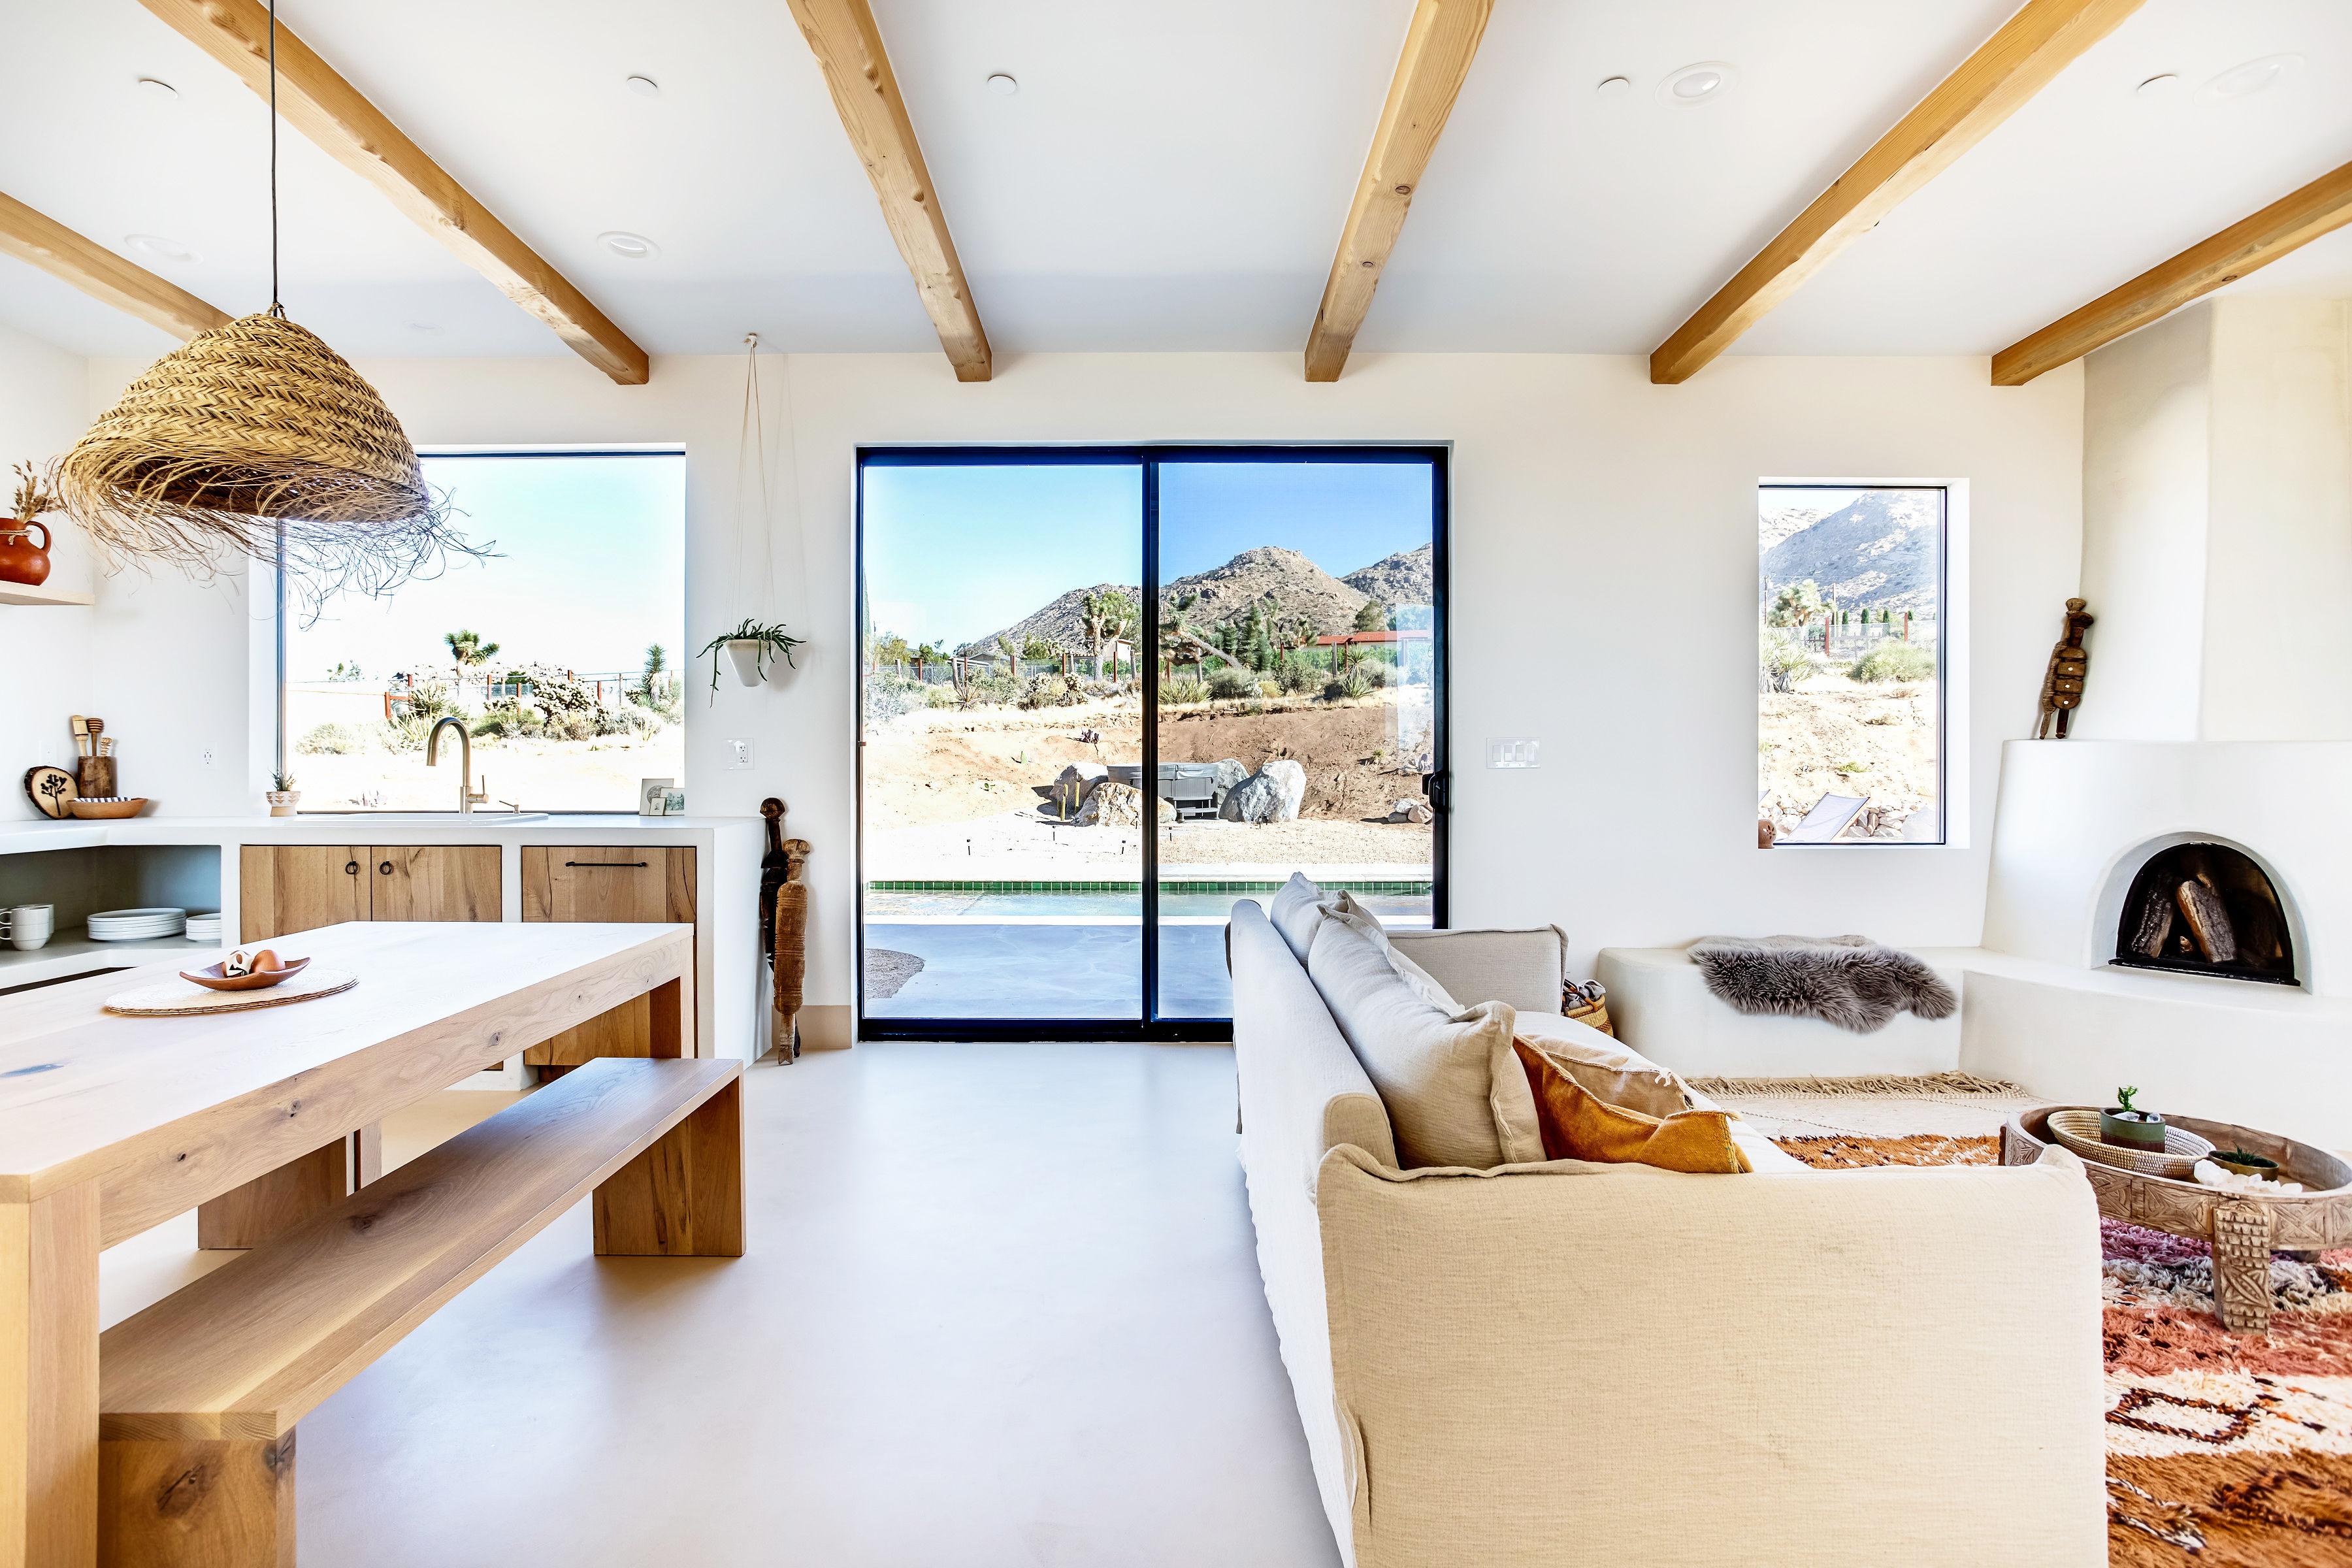 3-living-room-desert-wild-joshua-tree-home-pr-1019.jpg